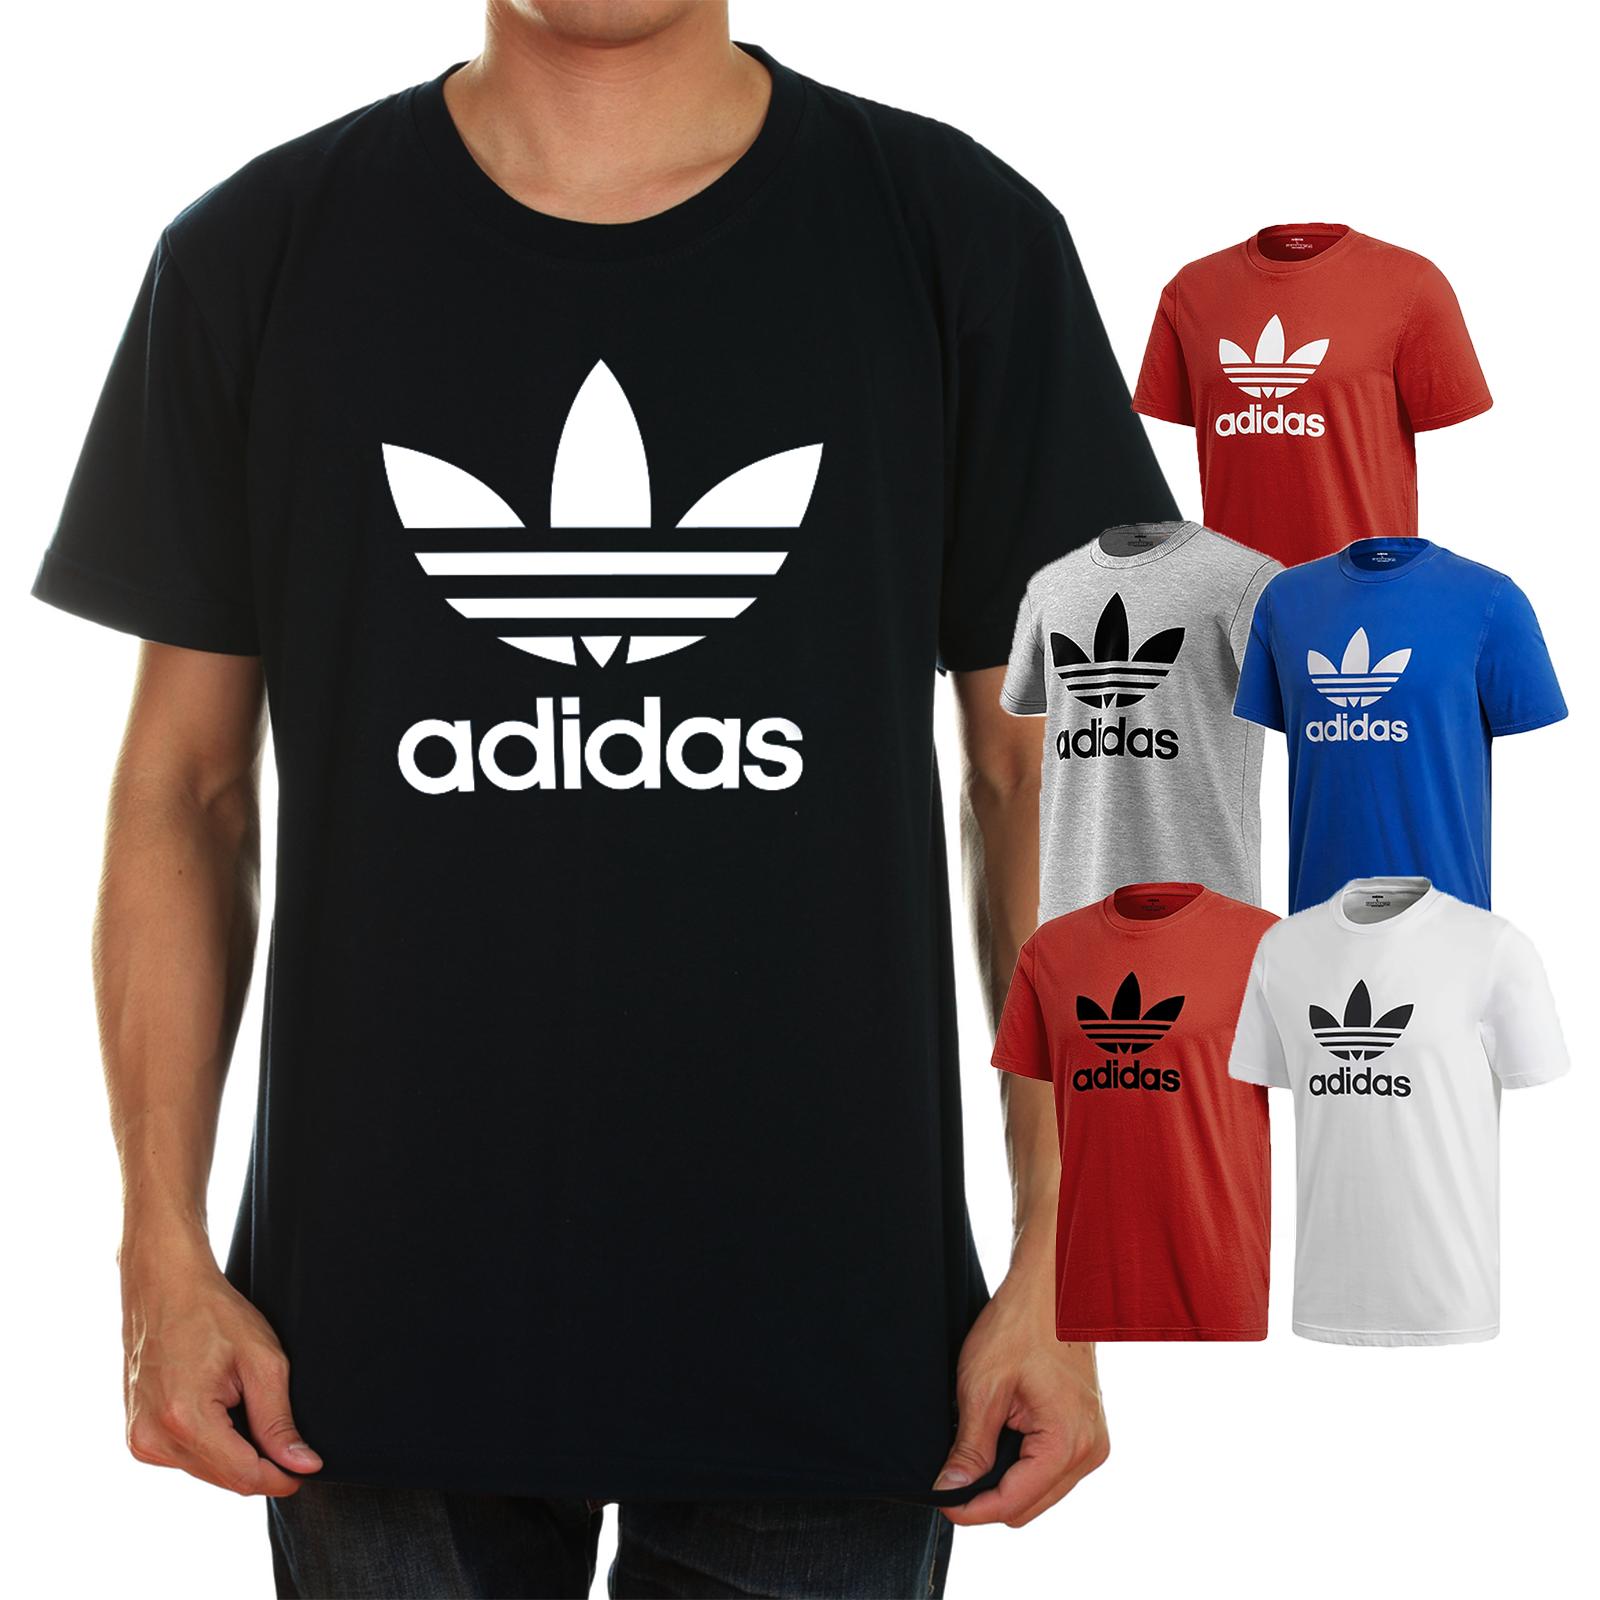 Adidas Men's Short-Sleeve Trefoil Logo Graphic T-Shirt Gray Blue Black Red White